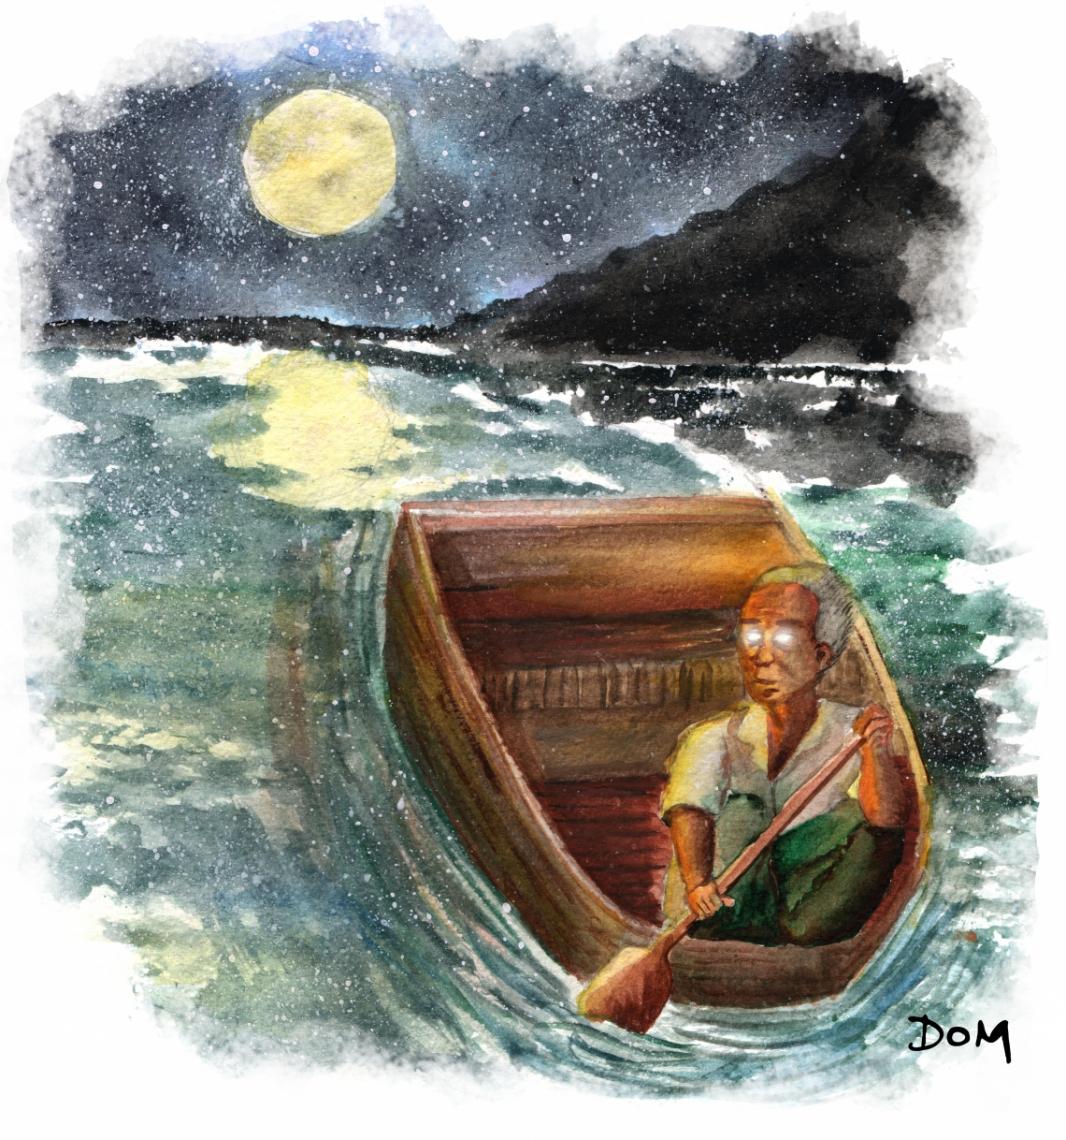 Ilustração de Domitila Andrade para o conto As almas penadas do açude grande